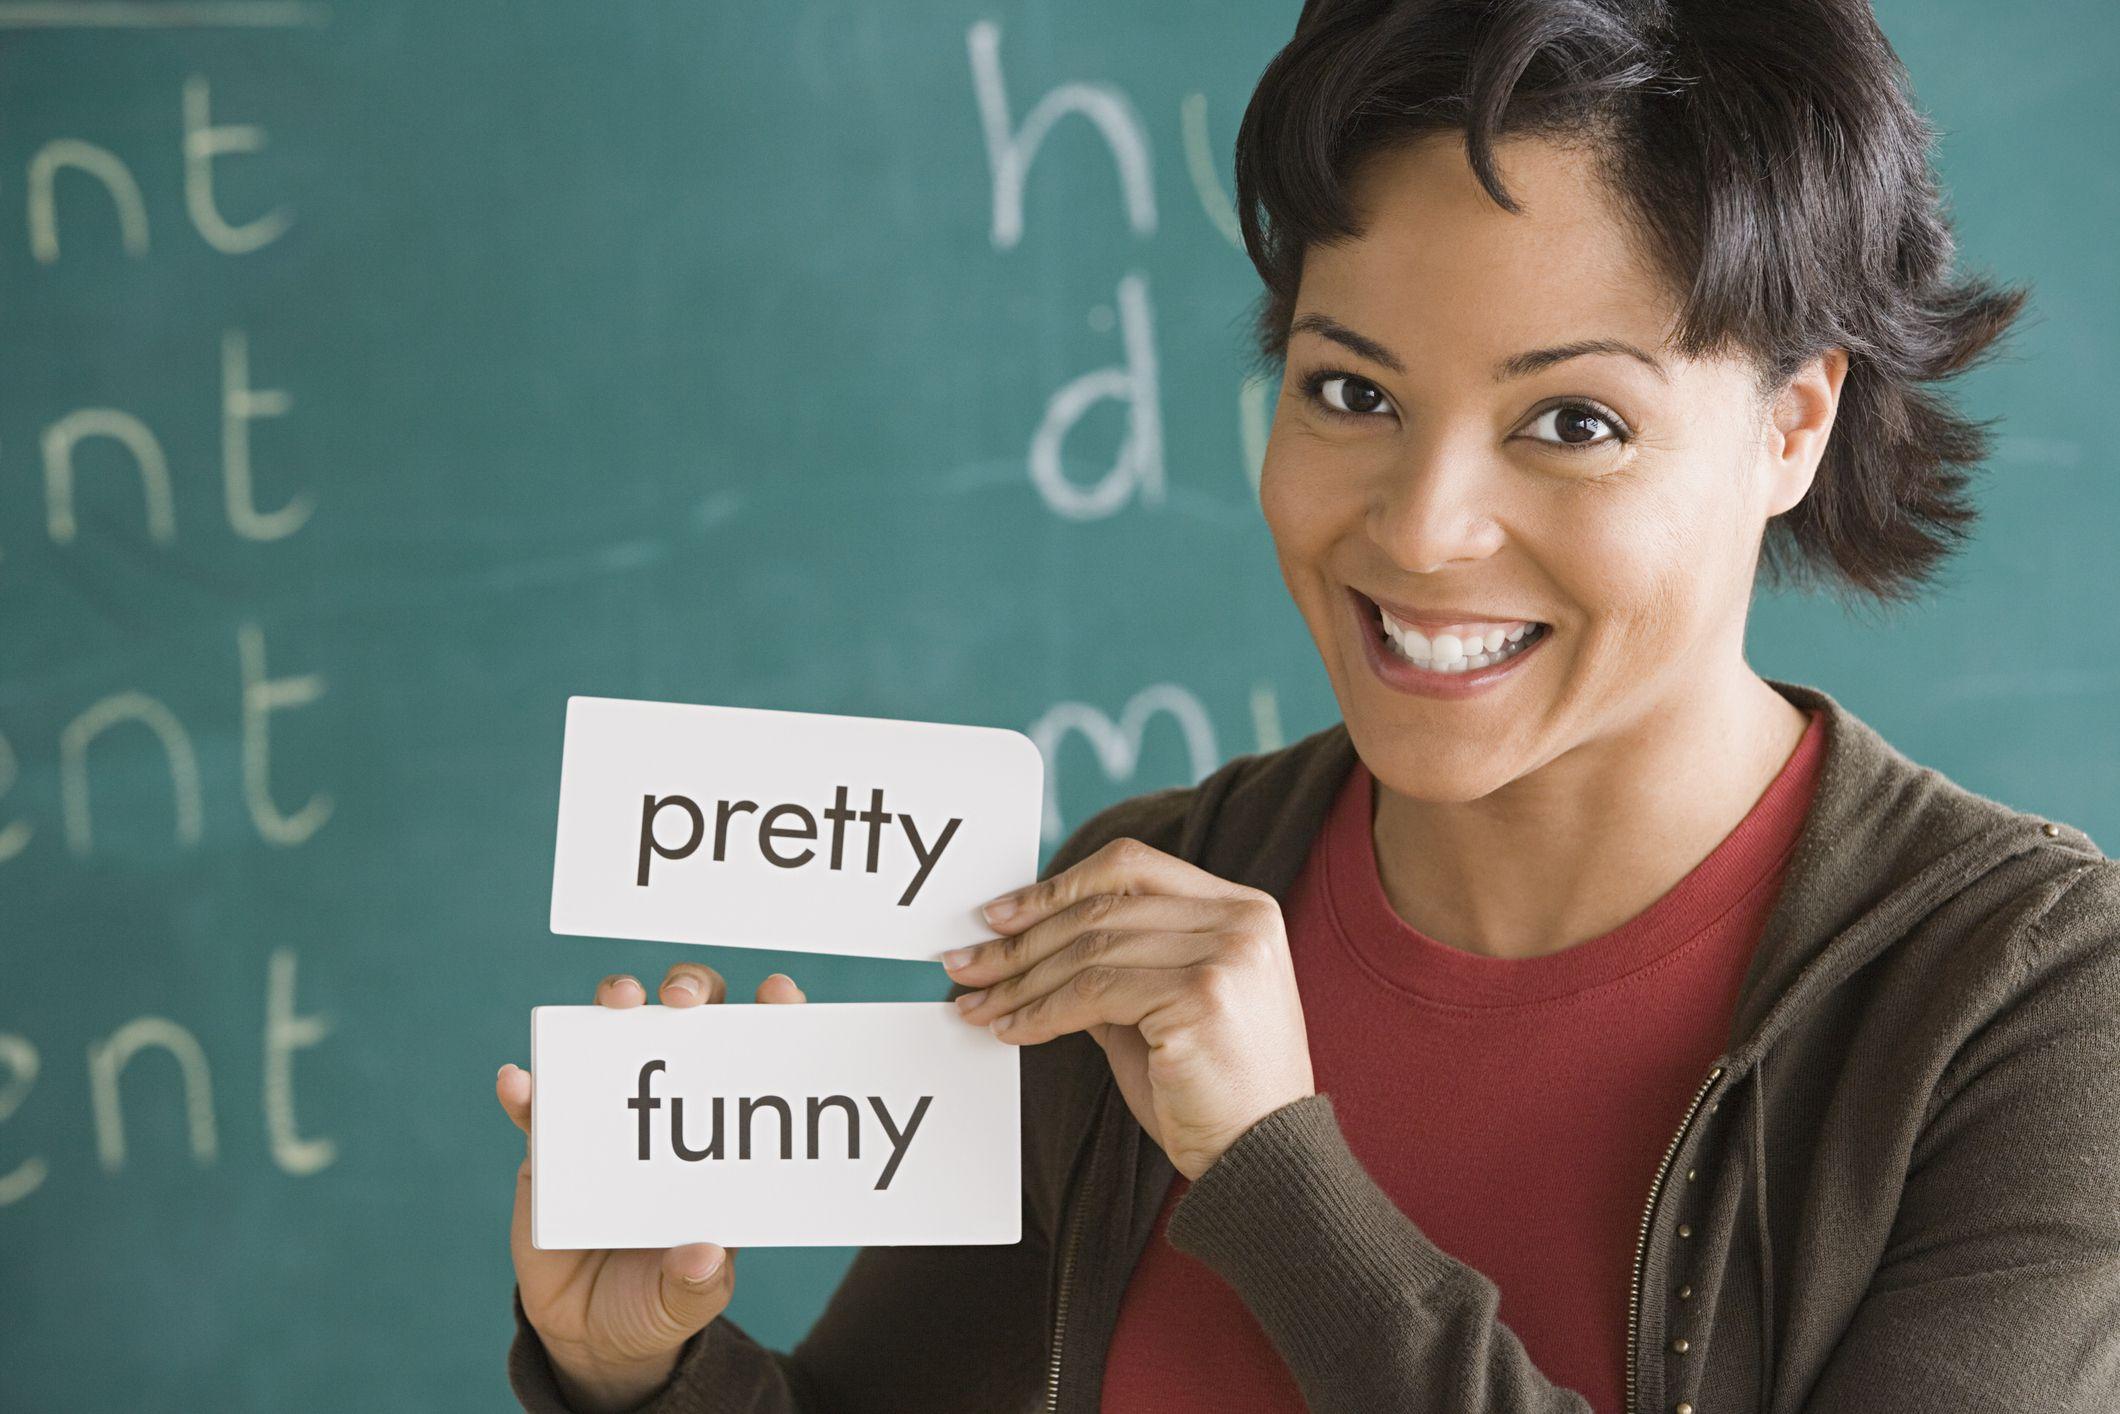 30 Hilarious Teacher Memes That Every Teacher Will Understand